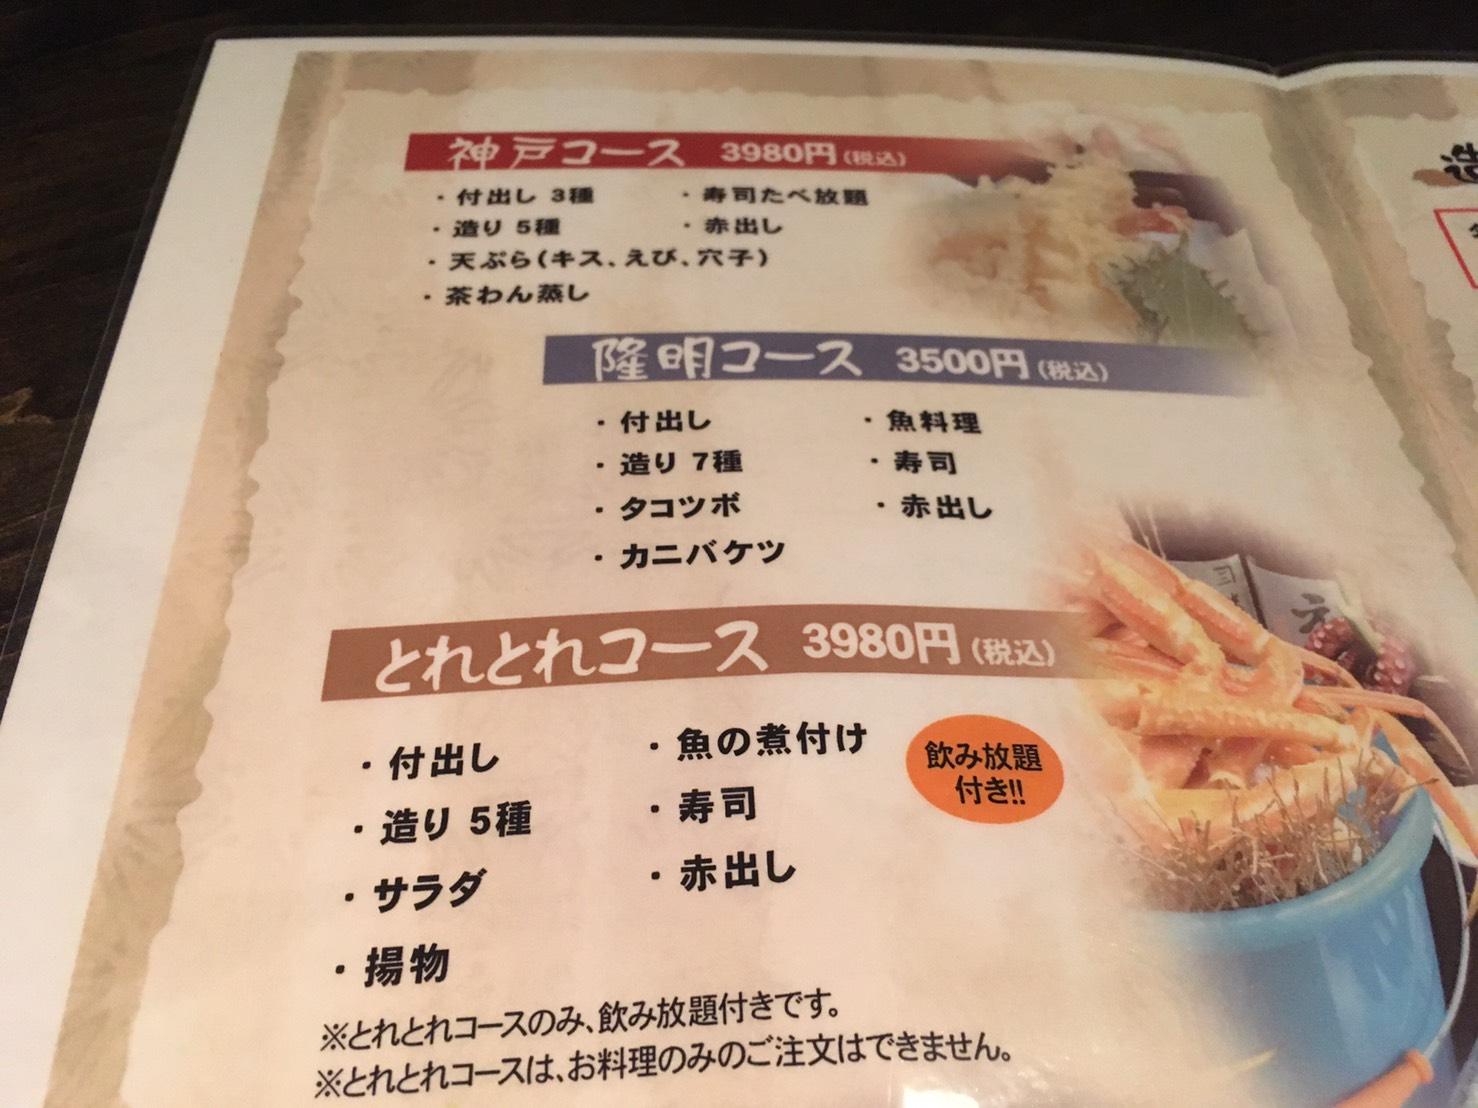 三宮の食べ放題 寿司隆明のメニュー表